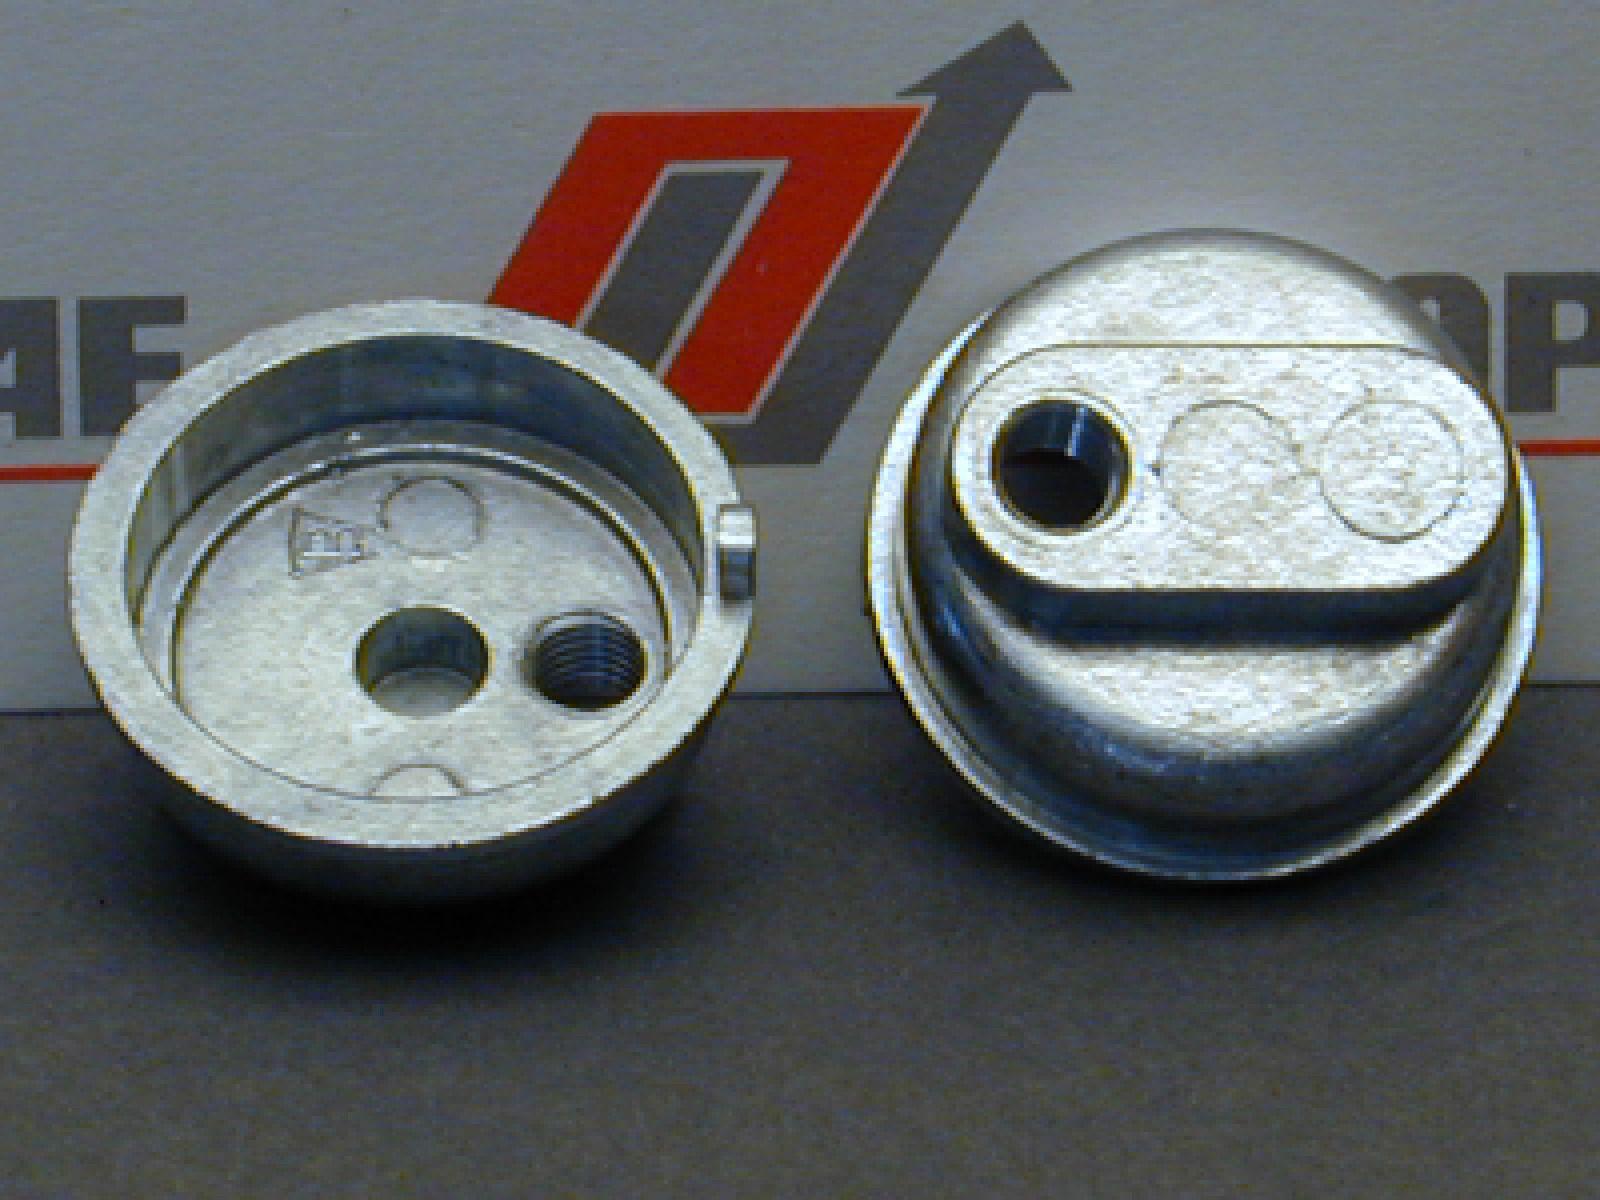 Καπάκι εσωτερικό καρμπυρατέρ BING γνήσιο γιά,JLO L197,ROTAX 150 200 250.